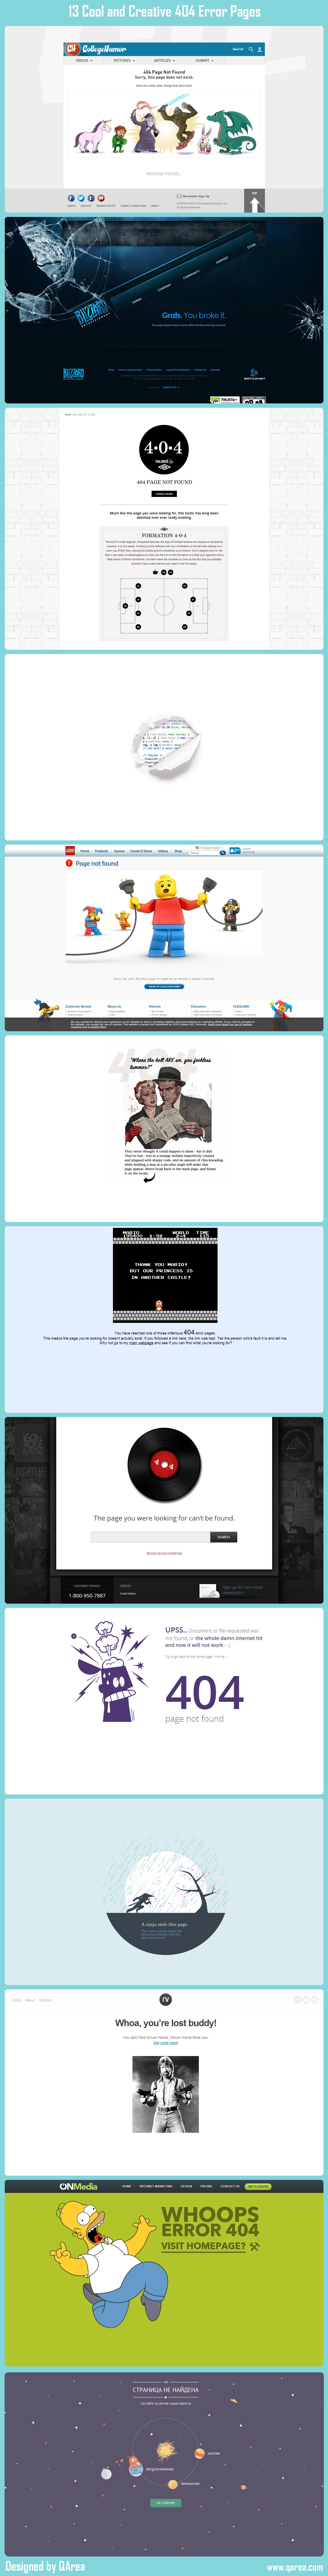 Идеальная страница 404 ошибки, или как удержать пользователя на сайте?